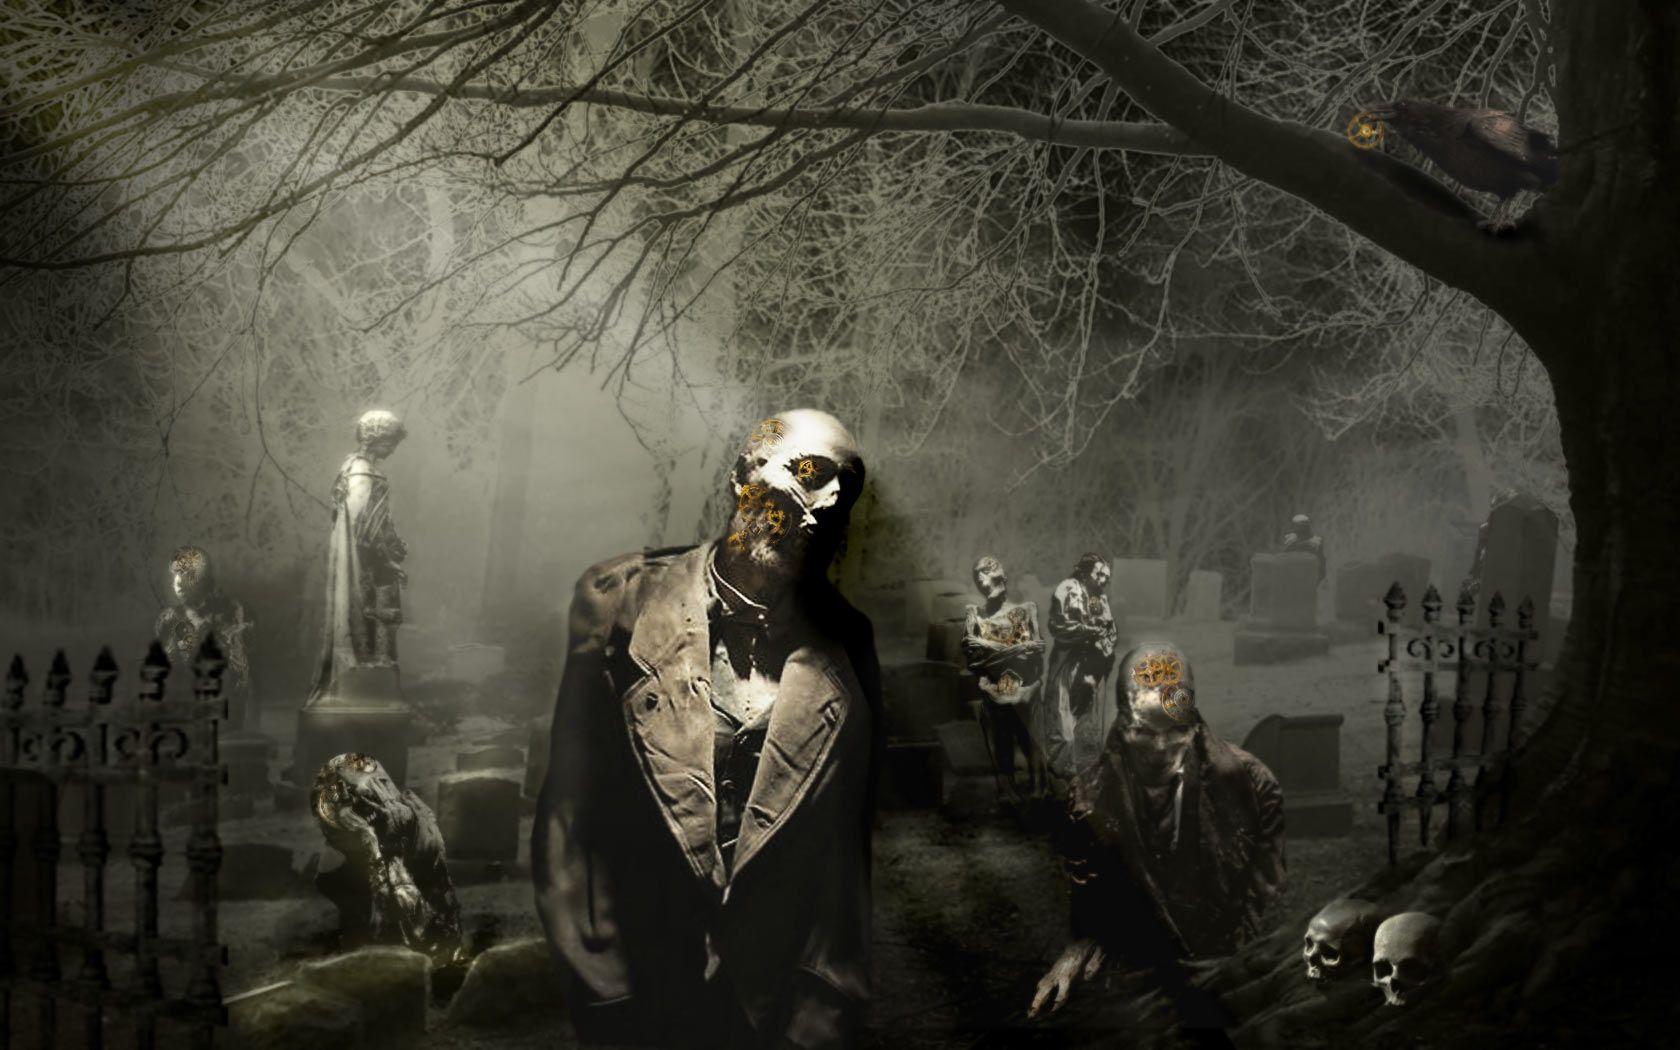 Wonderful Wallpaper Halloween Unique - f0c097906f863928b41f1632eba8d2b9  Gallery_983283.jpg